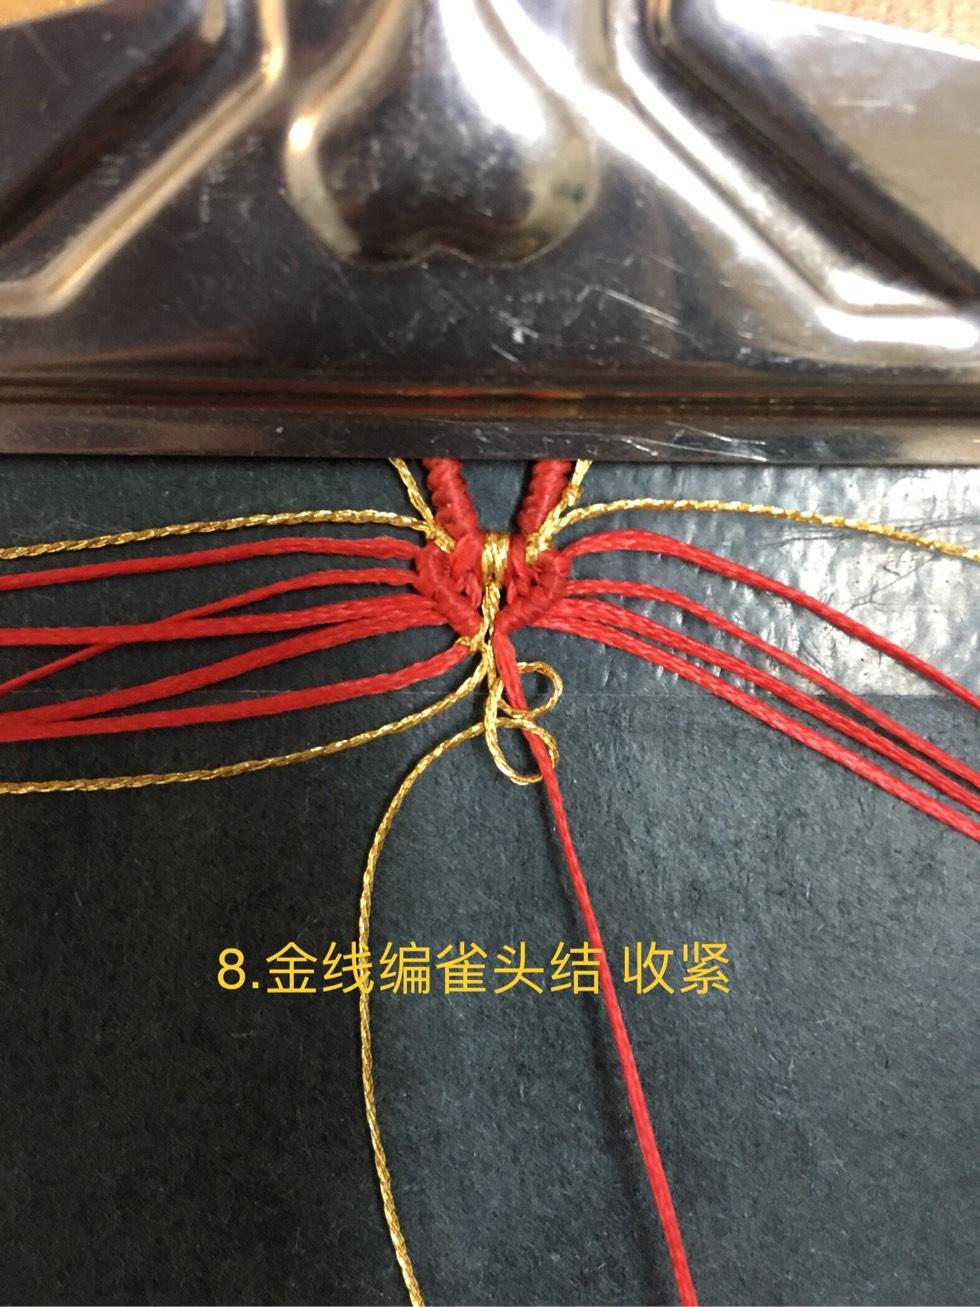 中国结论坛 金线包边手绳手链教程 手链,教程,金线红绳手链编织,金线手绳编法,金线手链编织教程 图文教程区 230531xwoahb3we54vhy52